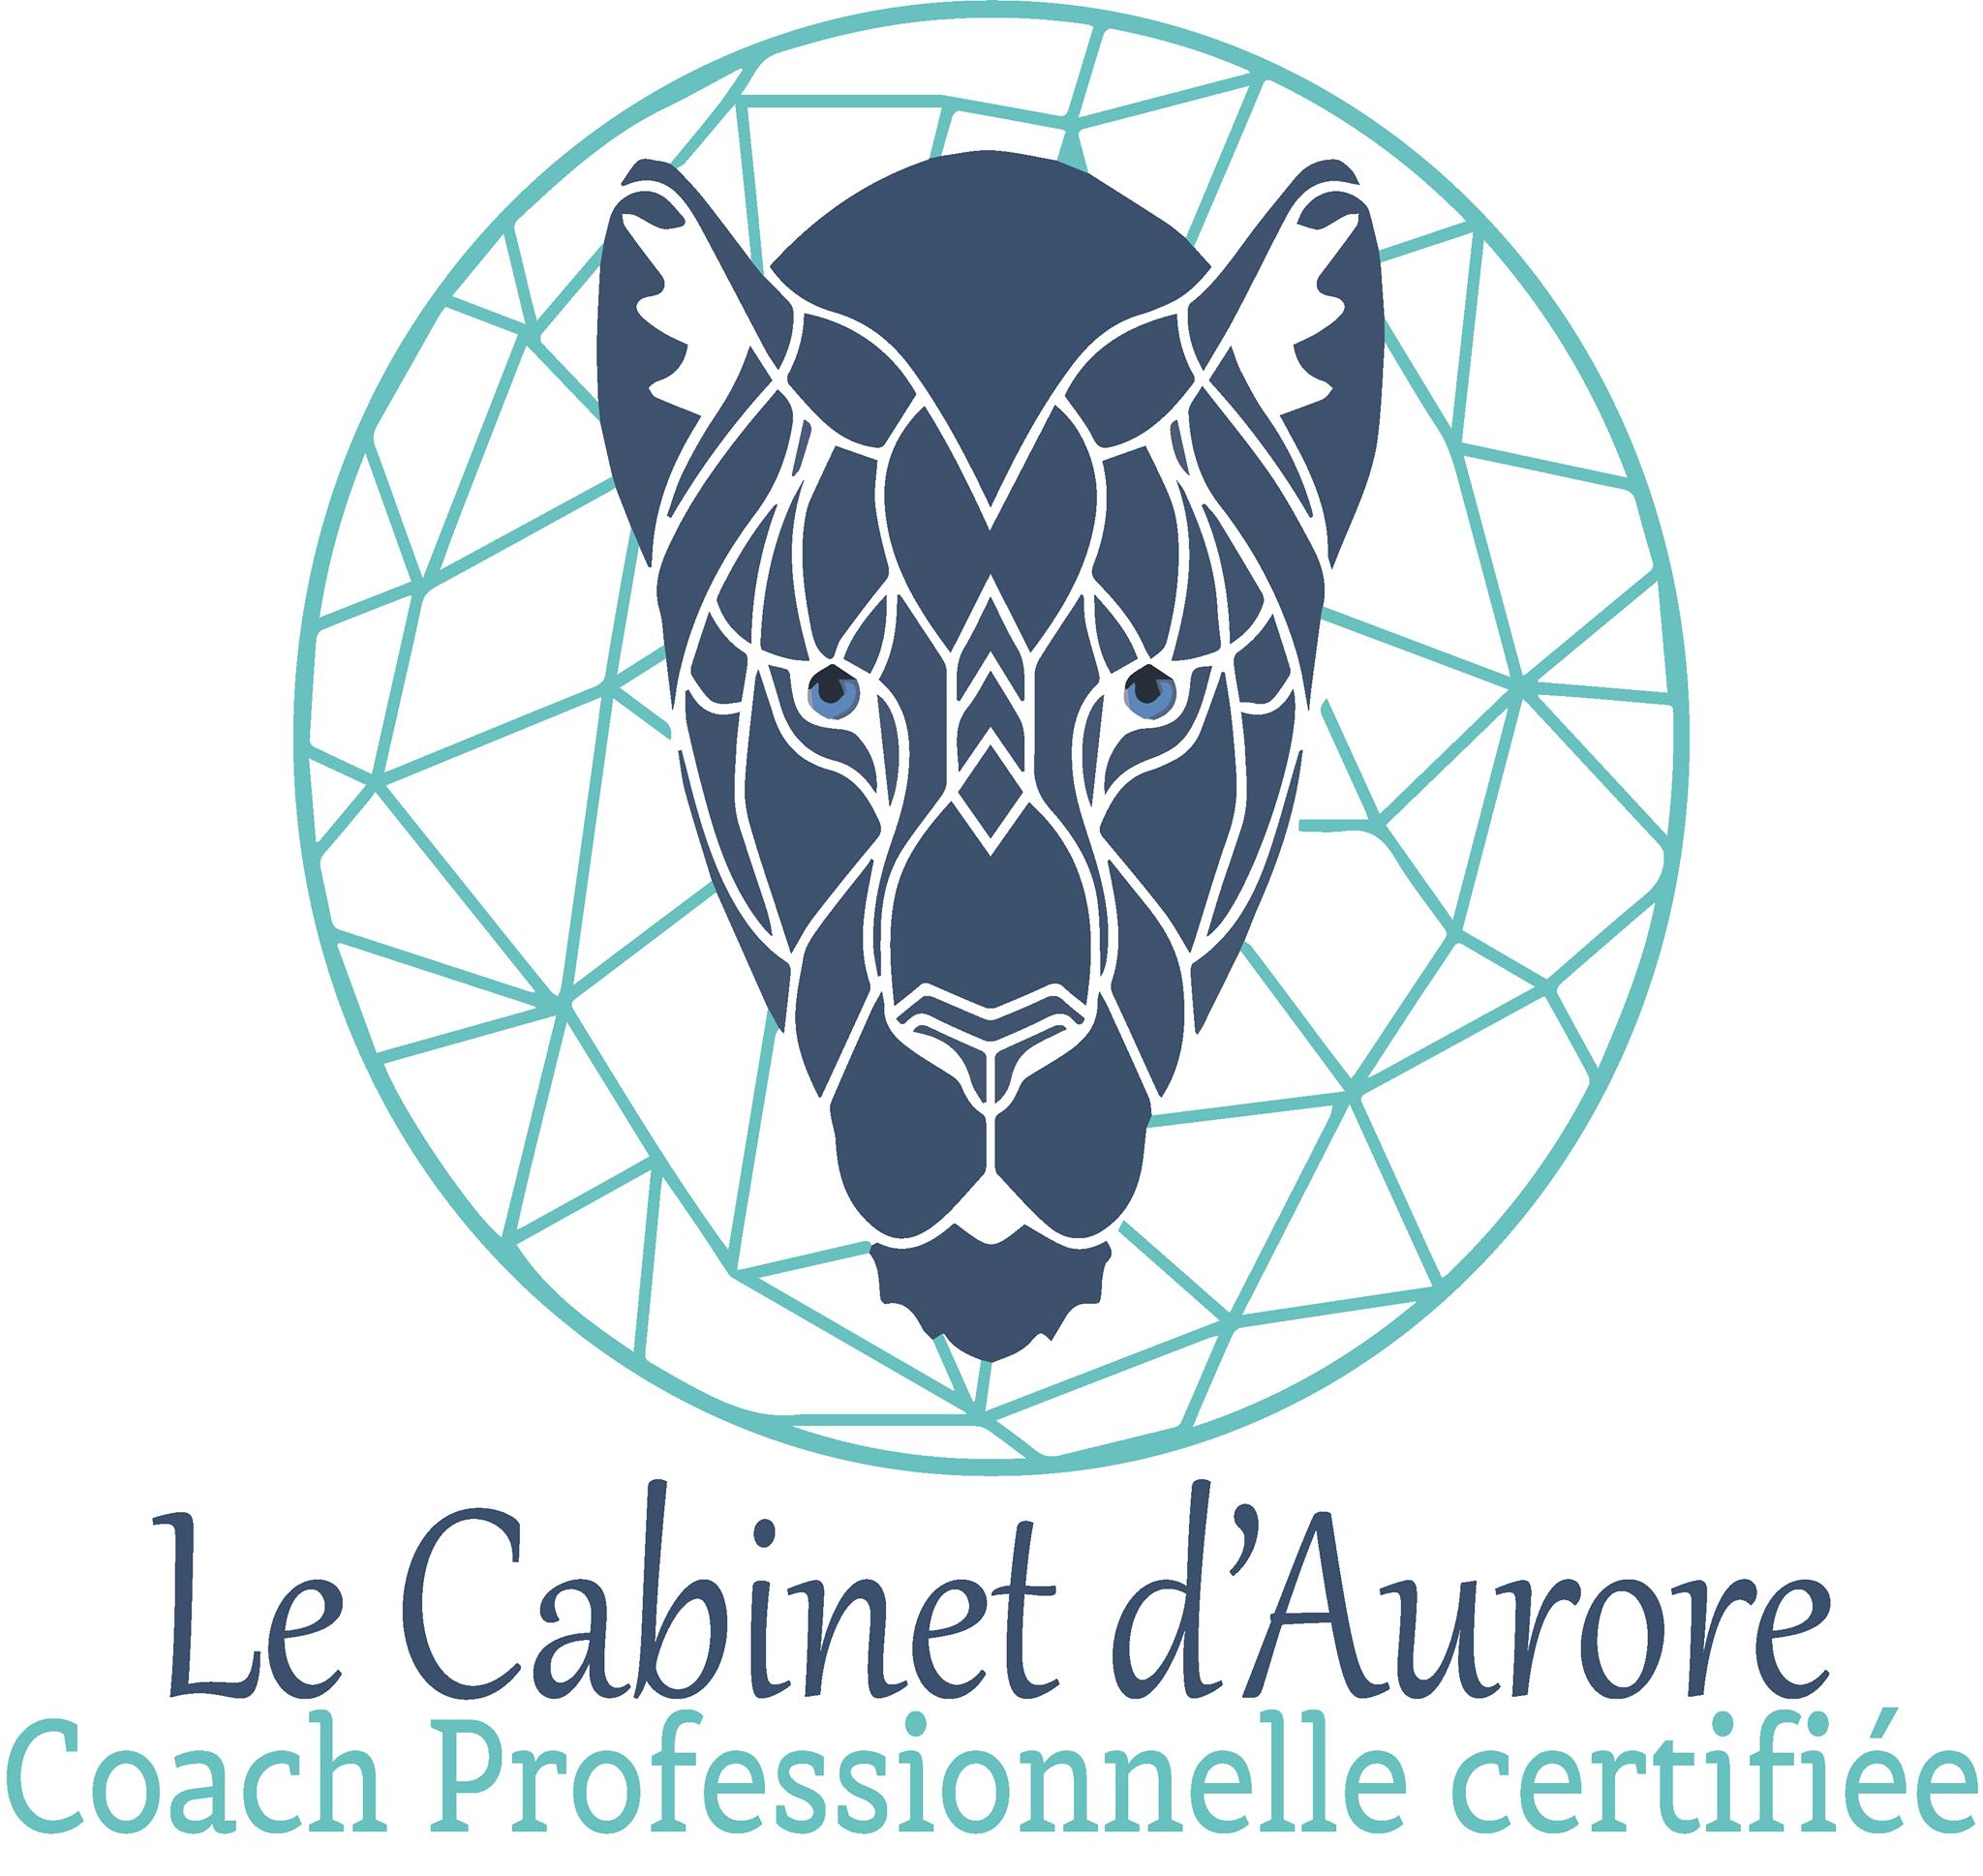 Le Cabinet d'Aurore – Coach Professionnelle Certifiée